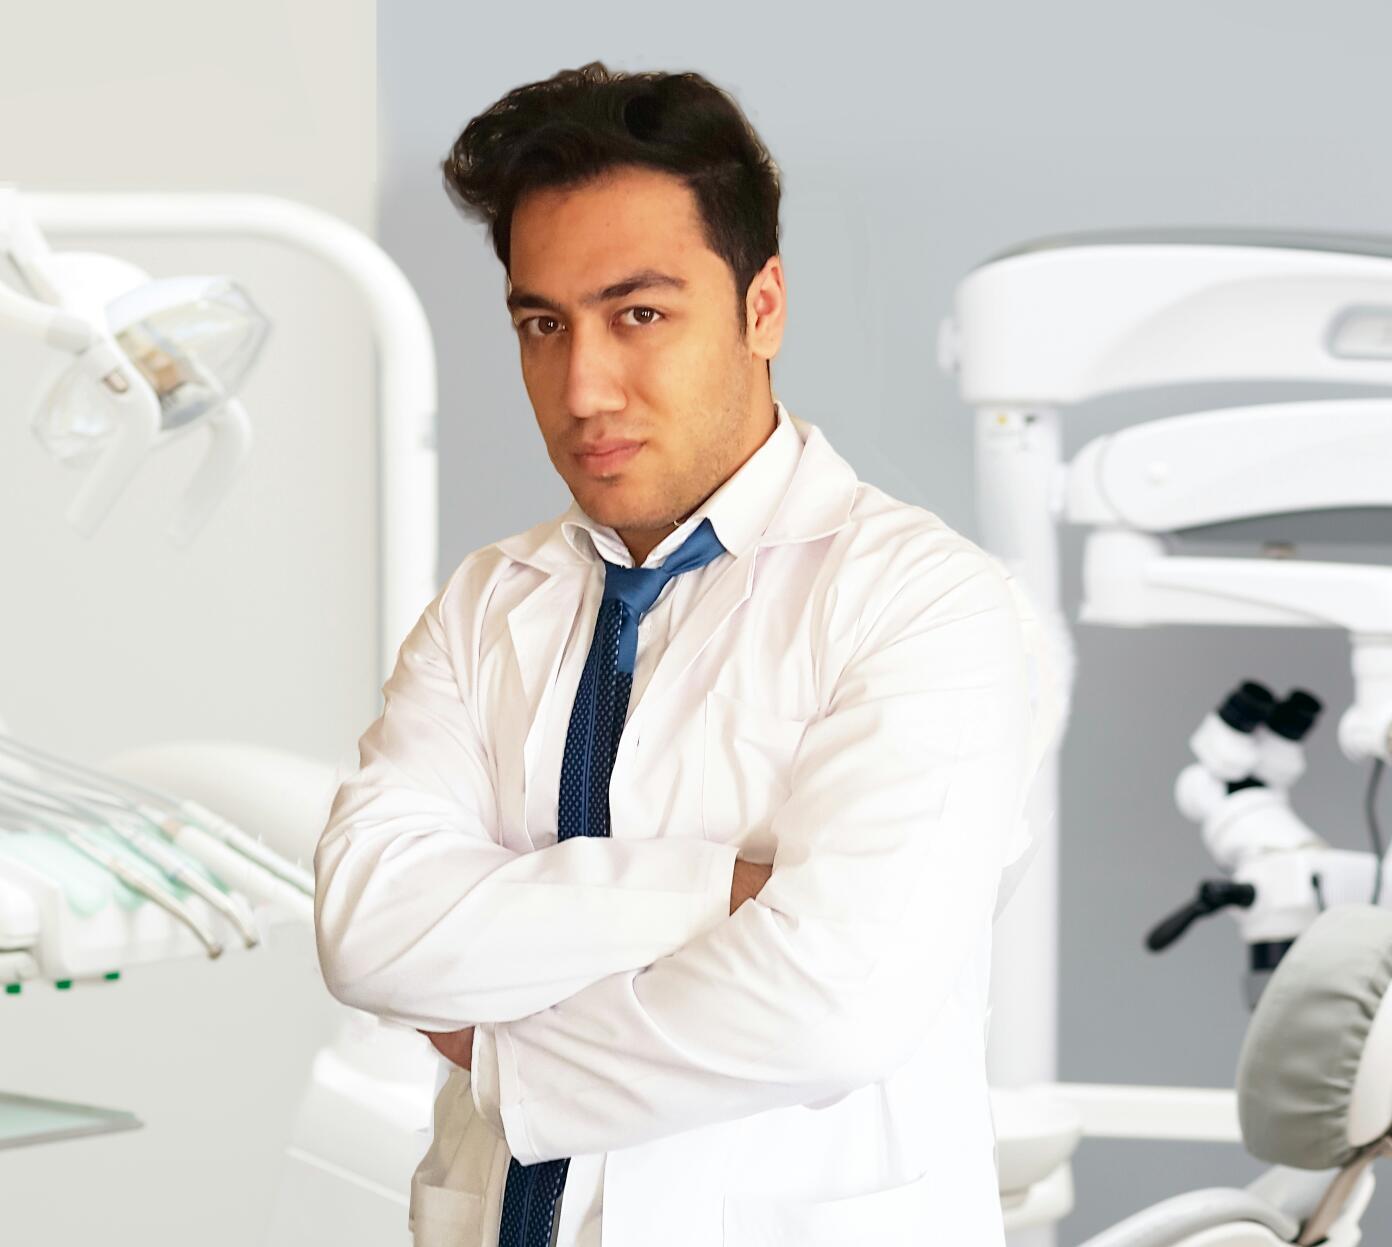 دکتر بنیامین کارگر